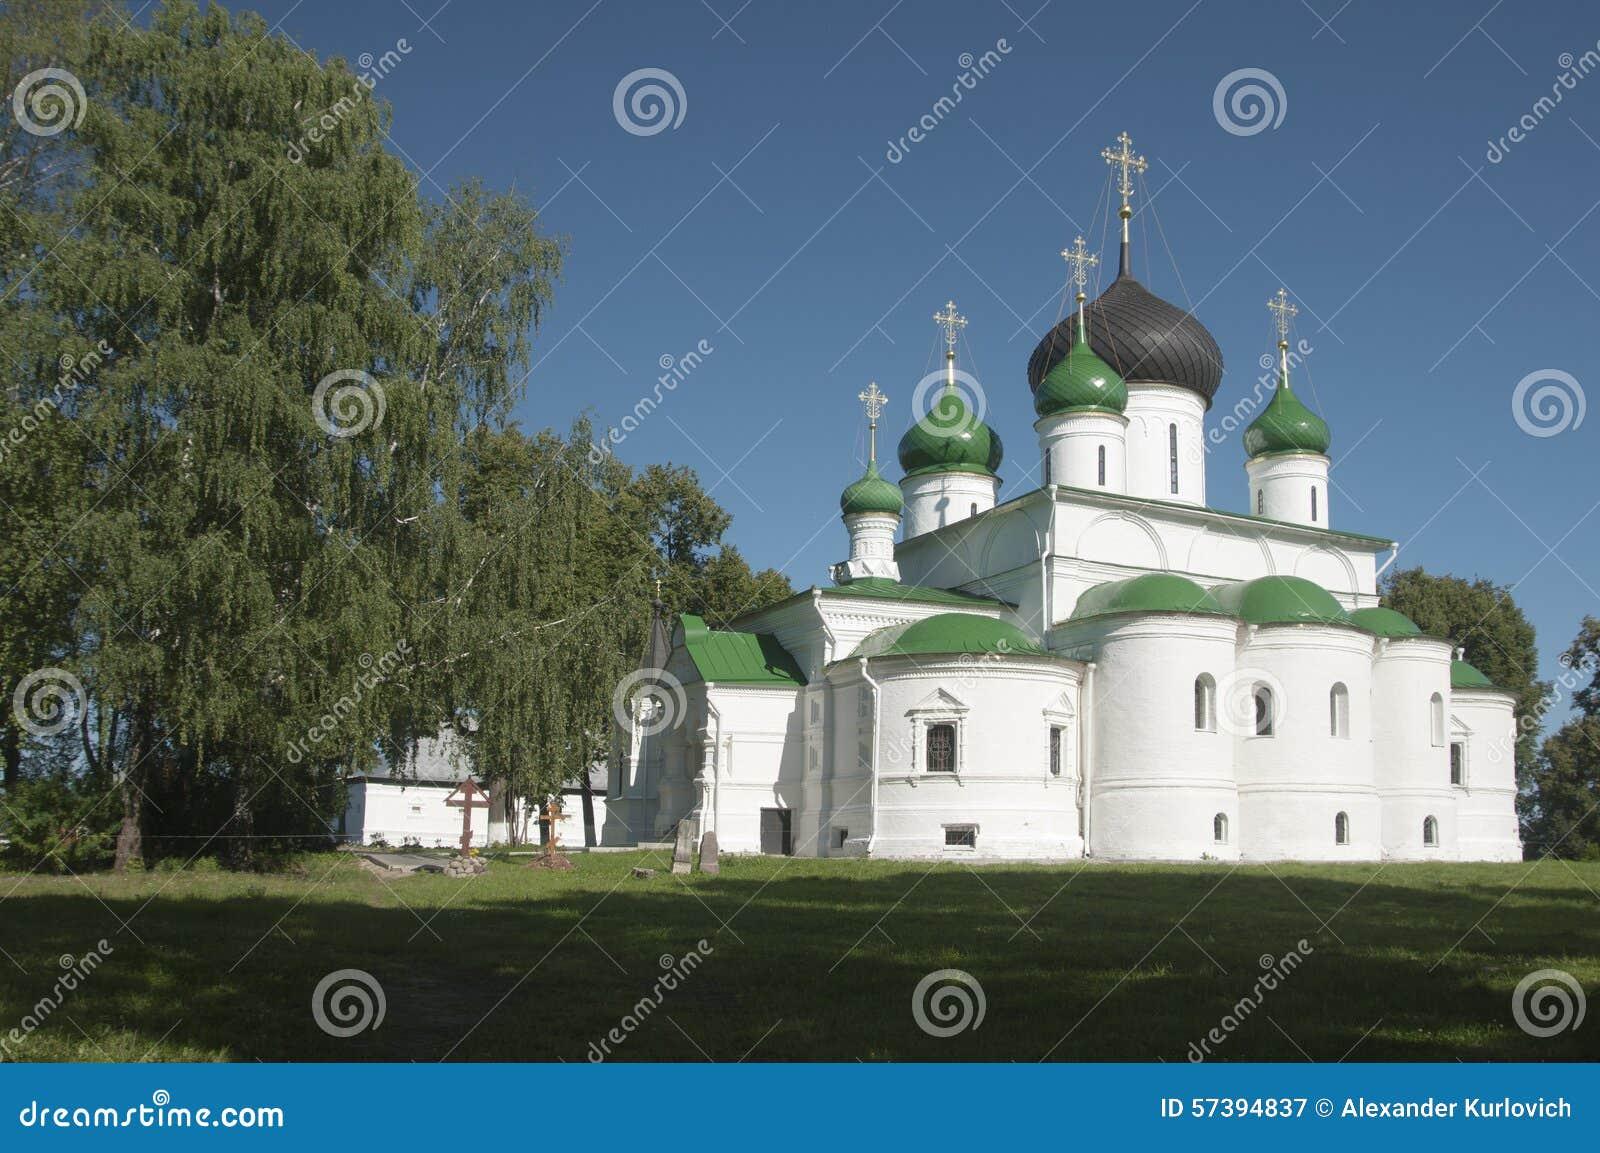 St Theodor klooster, de Kathedraal van de grote Martelaar theo